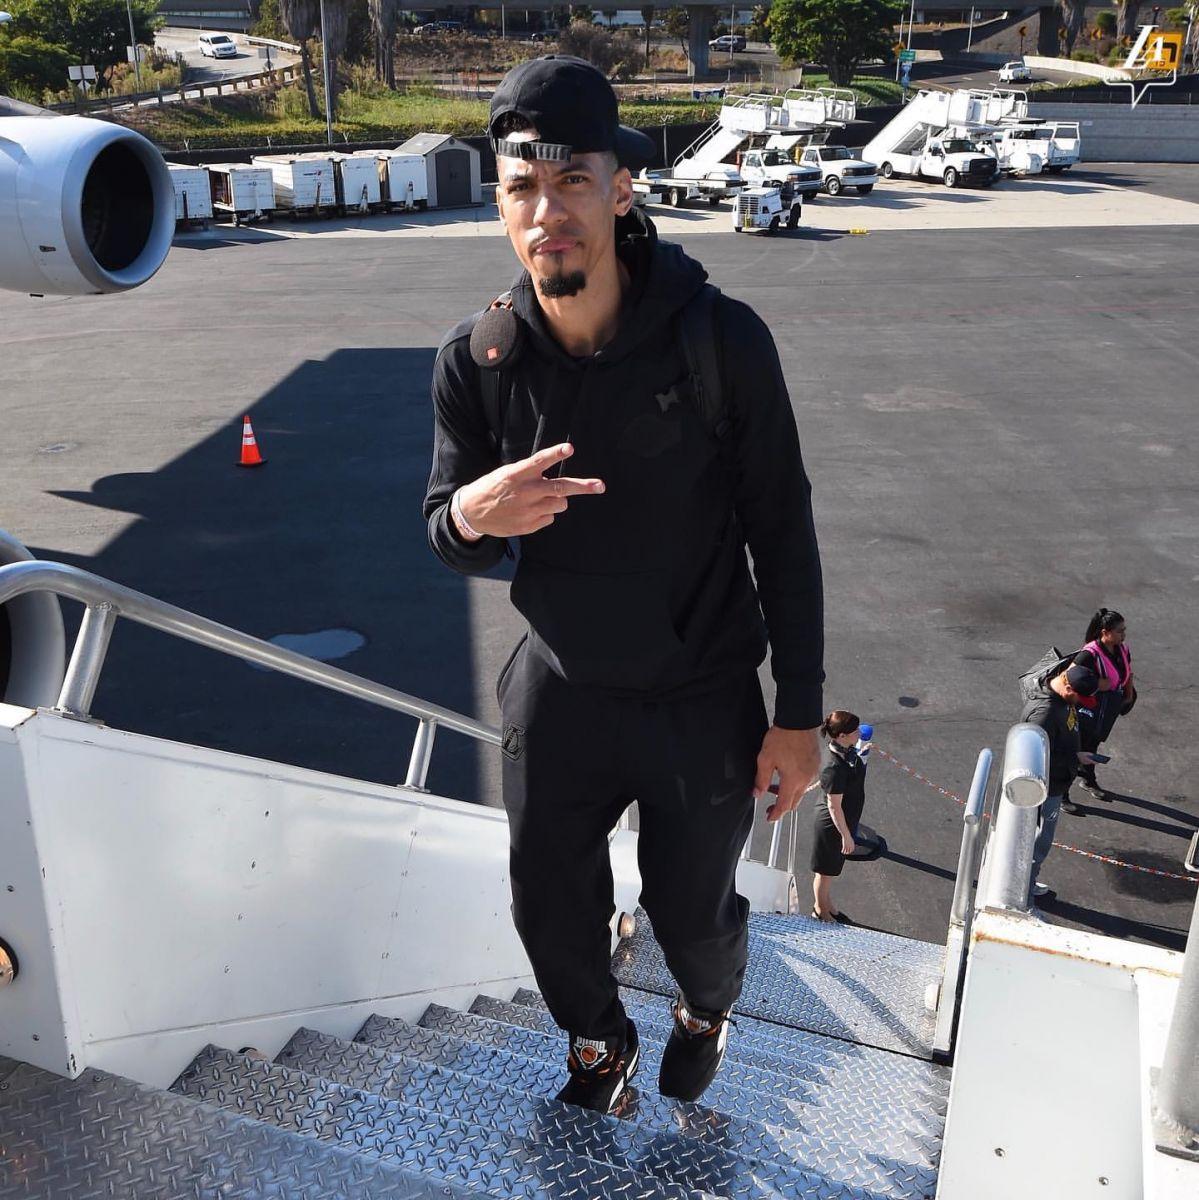 湖人官方發佈全隊登機前往中國參賽組圖-Haters-黑特籃球NBA新聞影音圖片分享社區